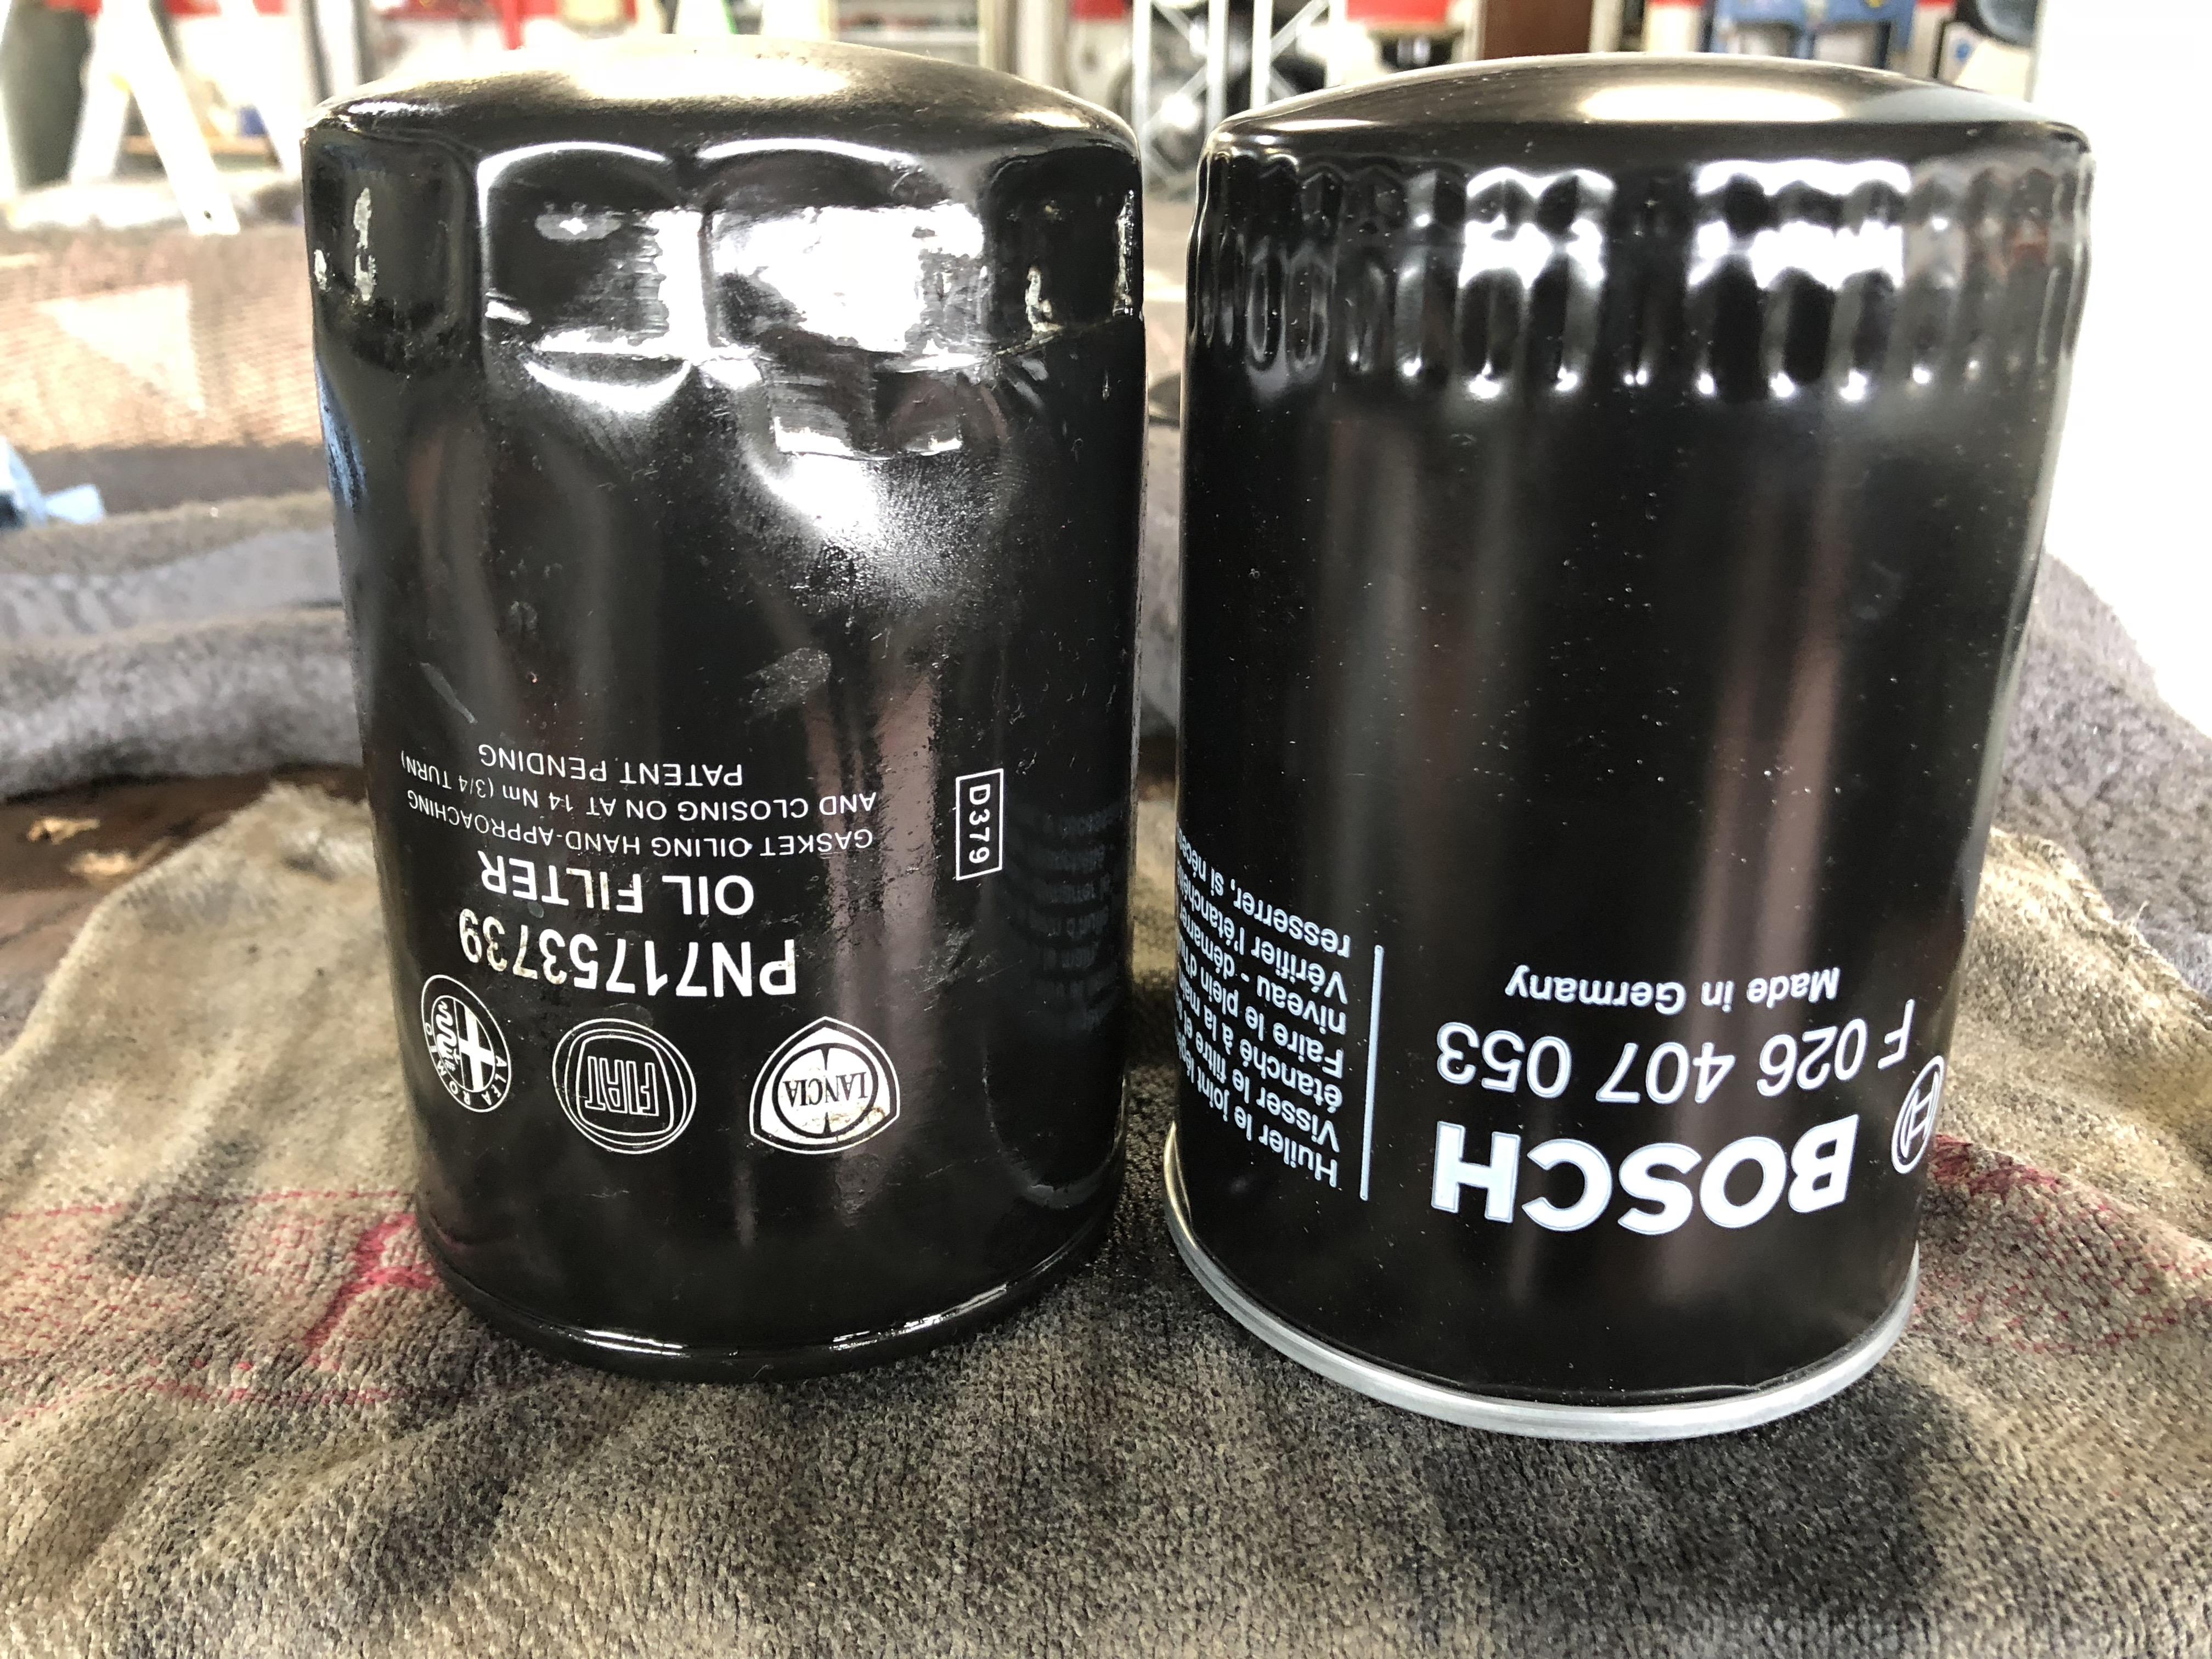 Ölfilter von Bosch